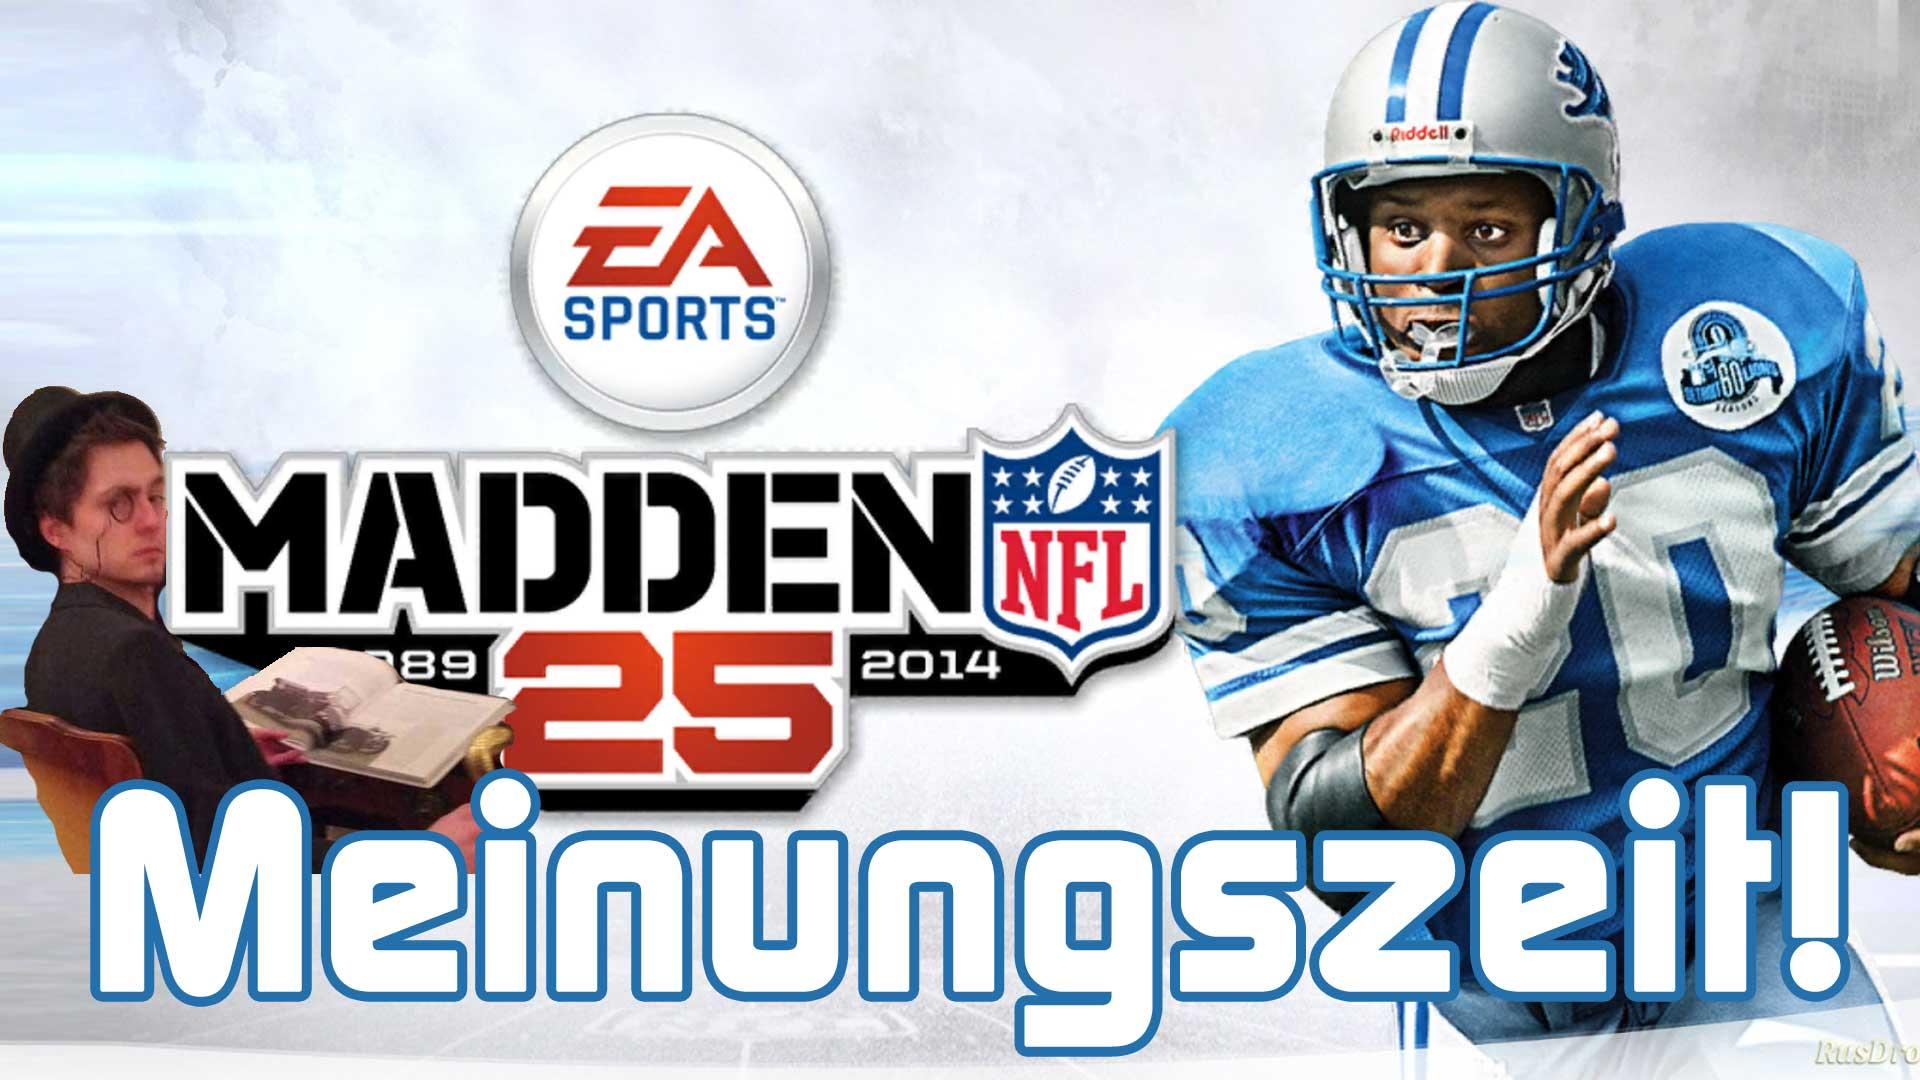 Meinungszeit!: Madden NFL 25 Test und Gameplay